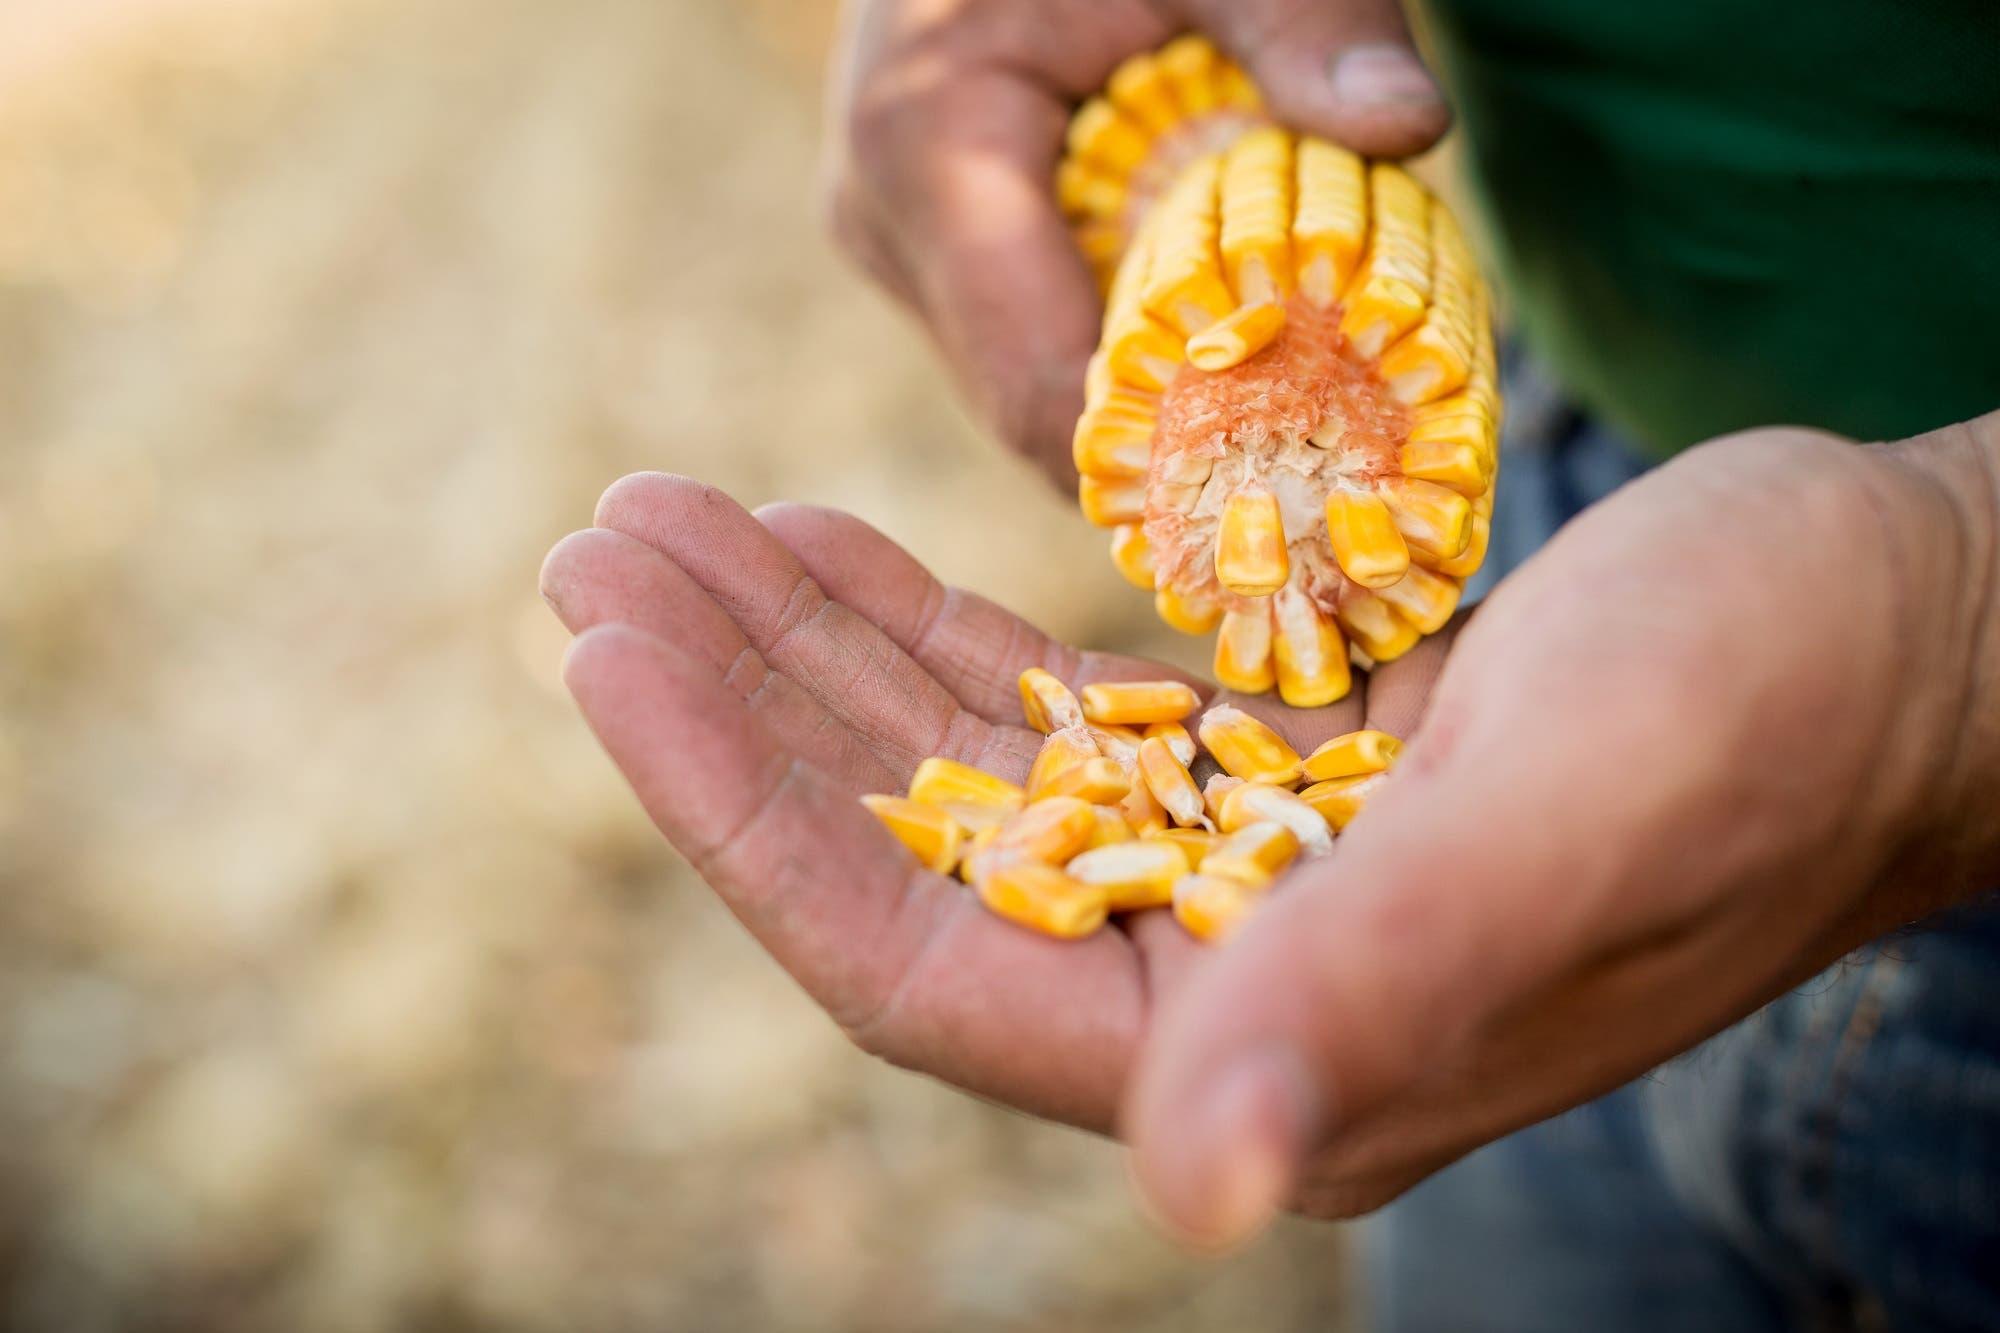 Conocé la historia de Bio4, la empresa argentina que revoluciona la agroindustria